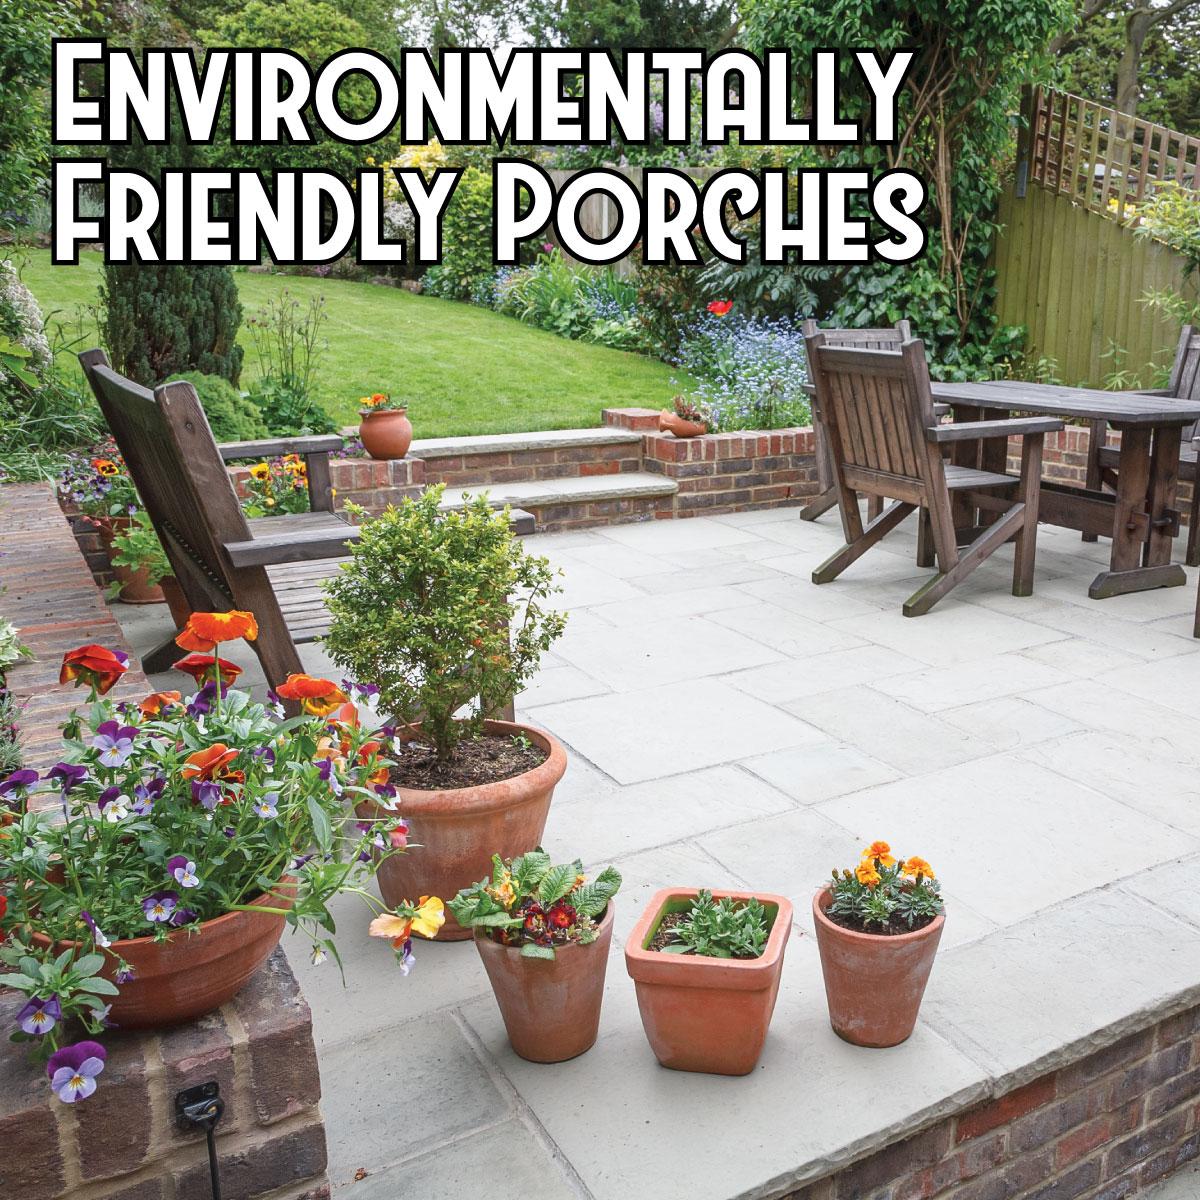 Environmentally Friendly Porches